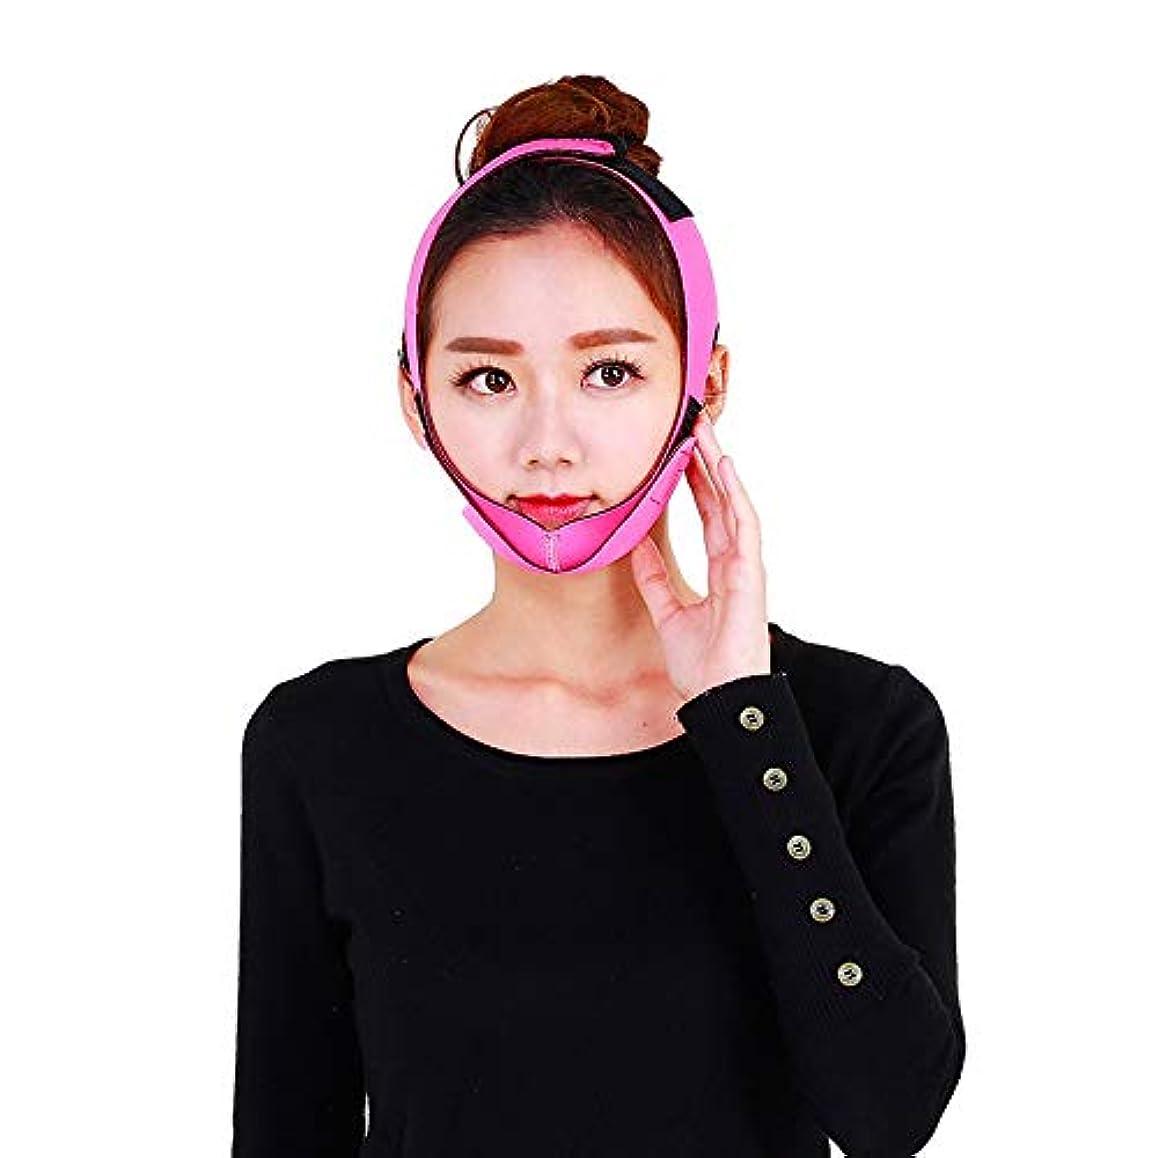 チャンス肘掛け椅子節約BS 顔の持ち上がる痩身ベルト - 薄い顔包帯二重あごのデバイス無料の顔のマッサージ整形マスクが顔と首を締めます フェイスリフティングアーティファクト